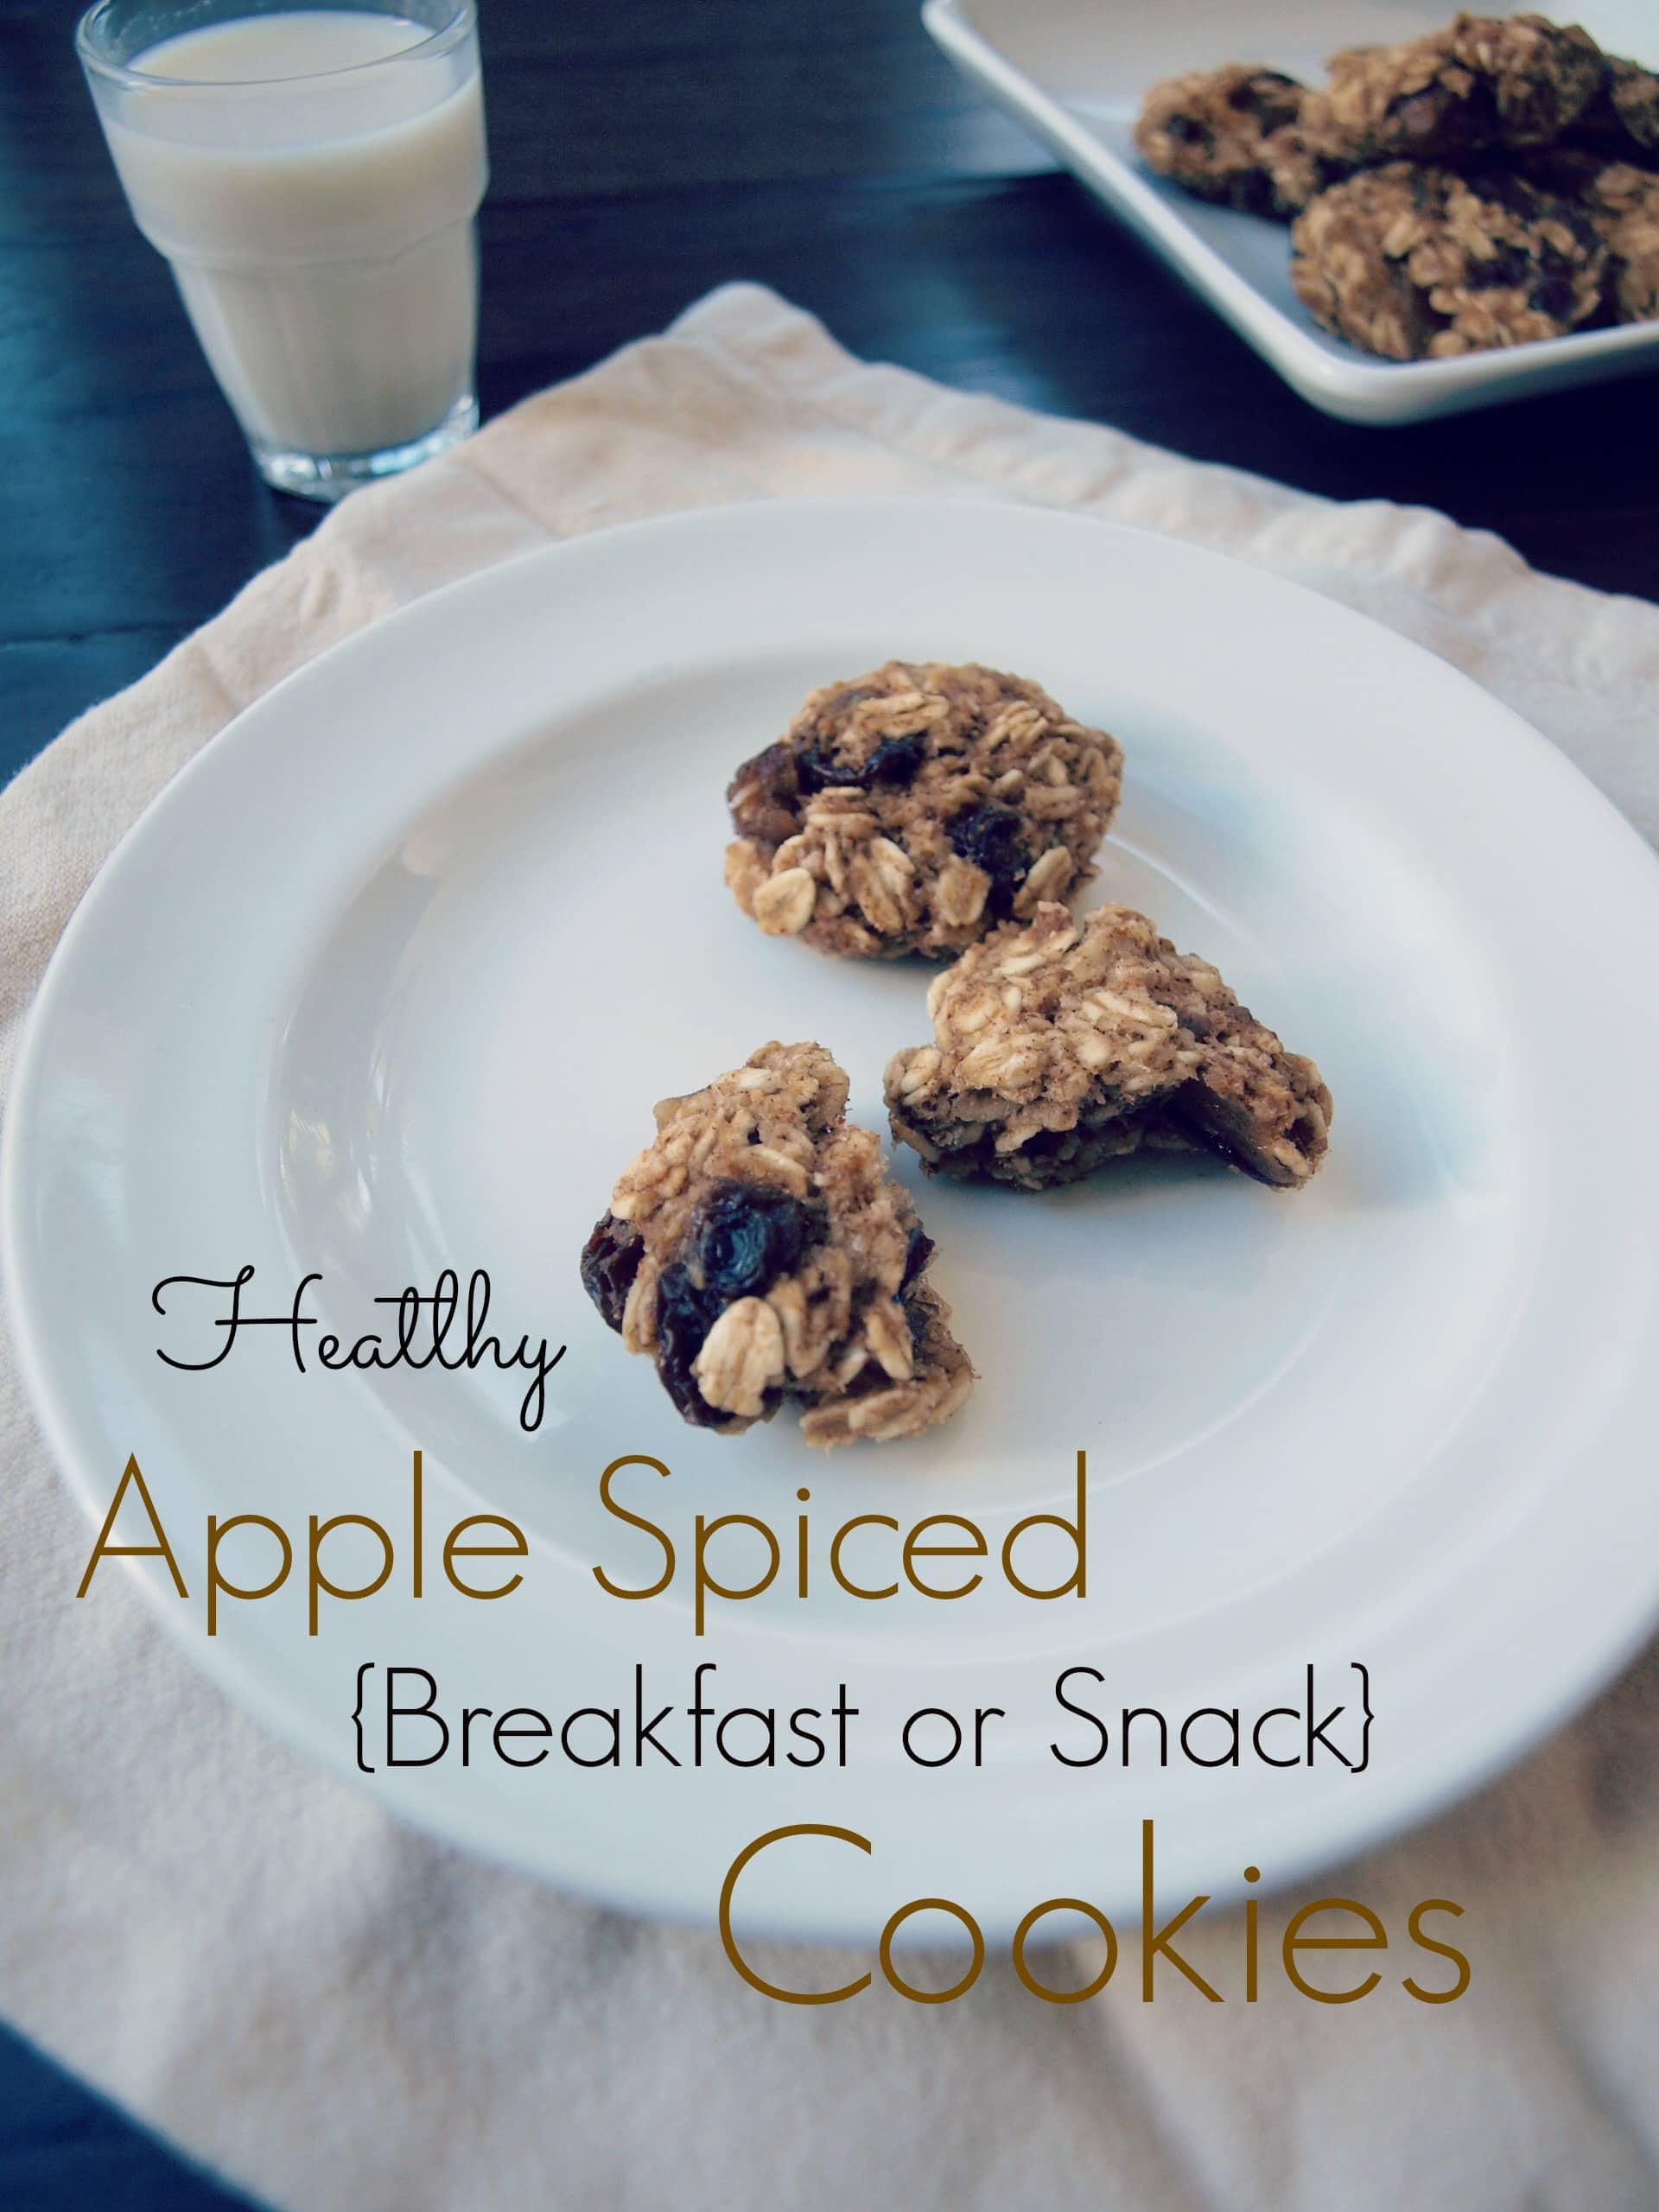 Healthy apple spiced breakfast or snack cookies